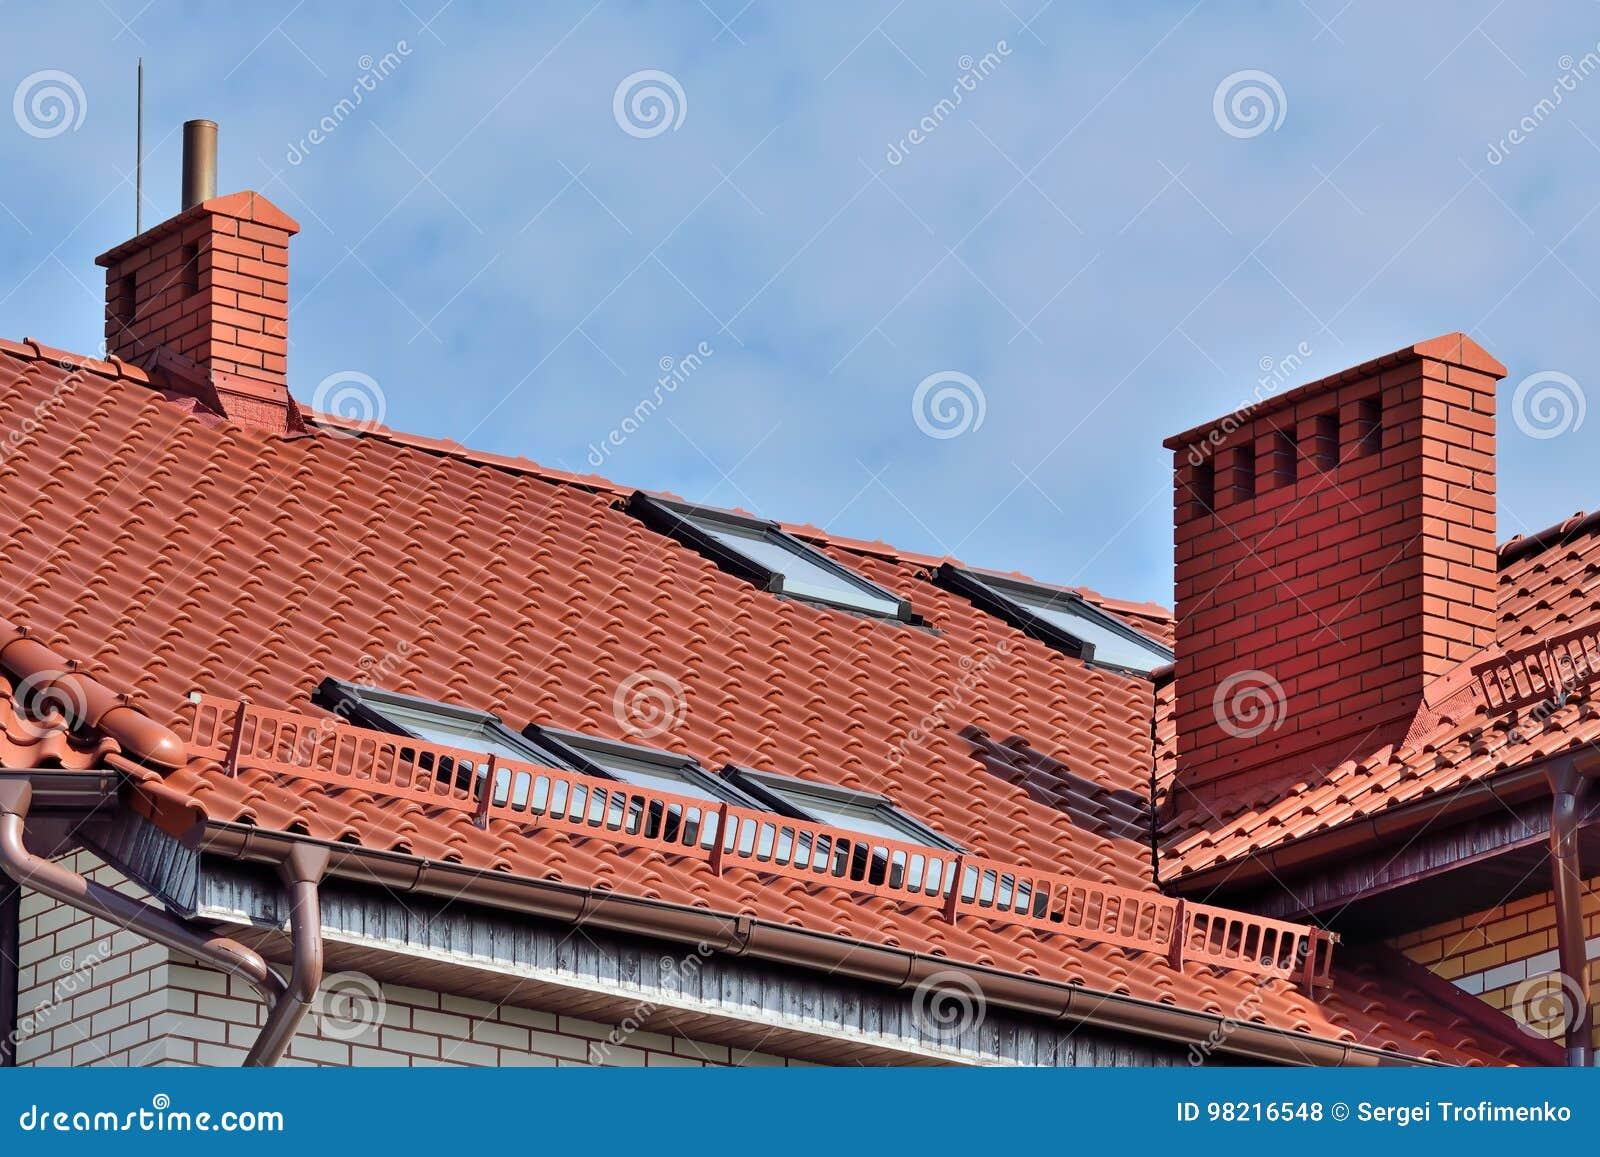 dachbodenfenster auf ziegeldach stockfoto - bild von fliese, haus